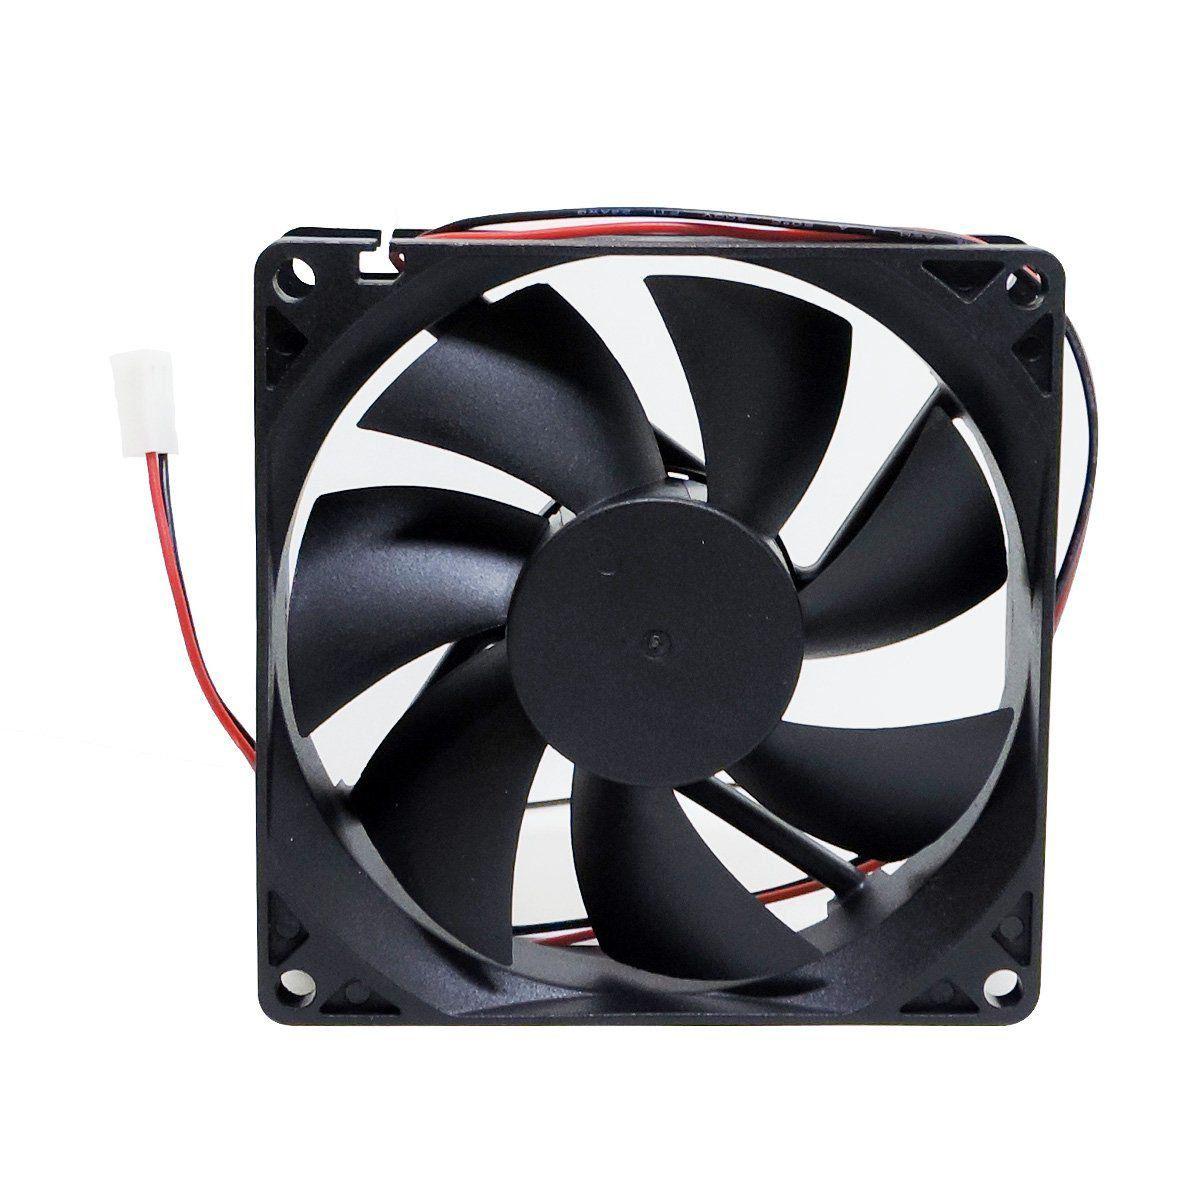 Cooler Ventoinha Externa Adega Cadence Ade80 Ade120 1.92w